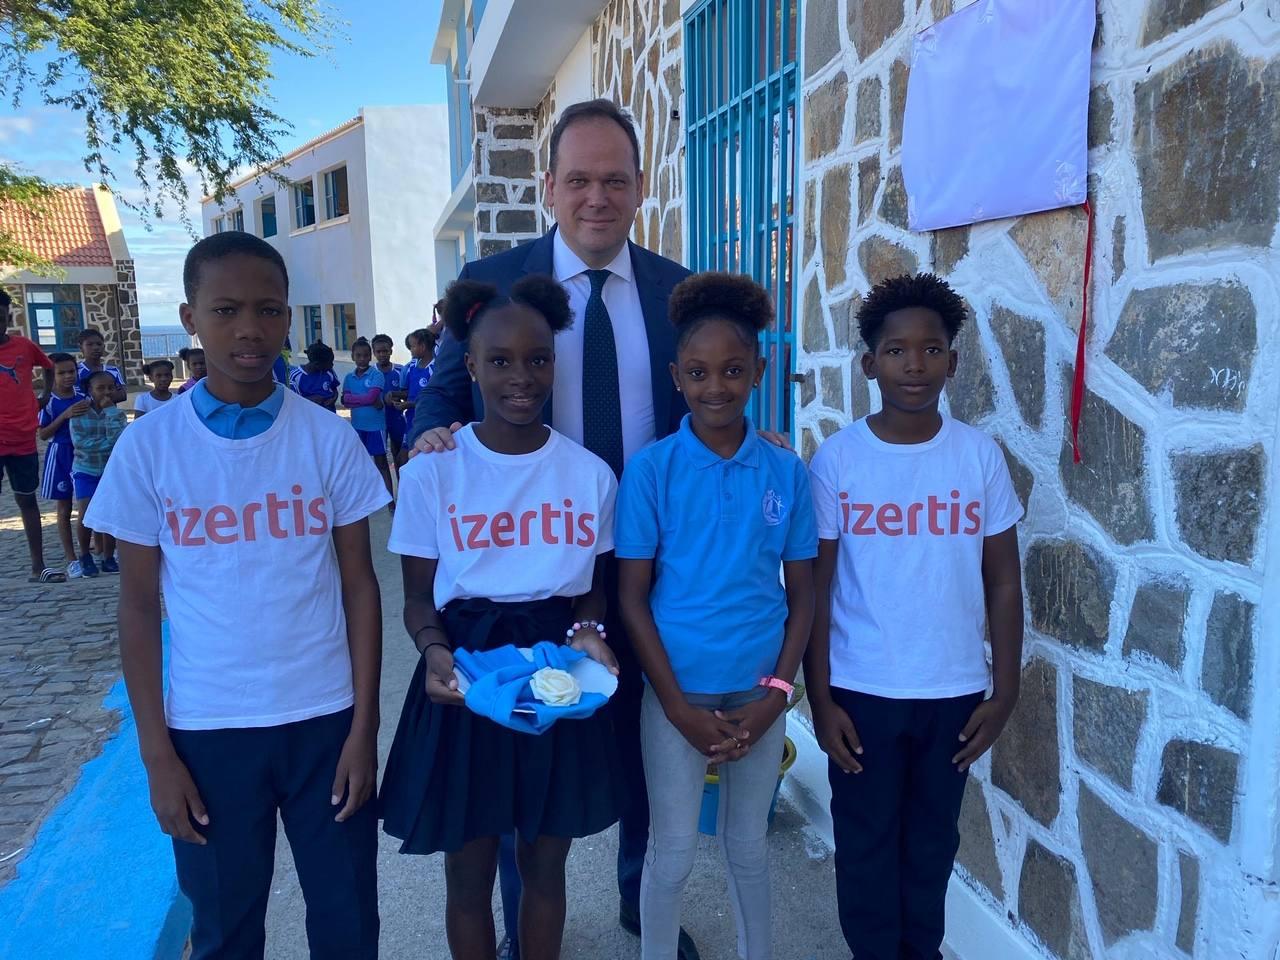 Izertis colabora en la construcción de un aula tecnológica en Cabo Verde